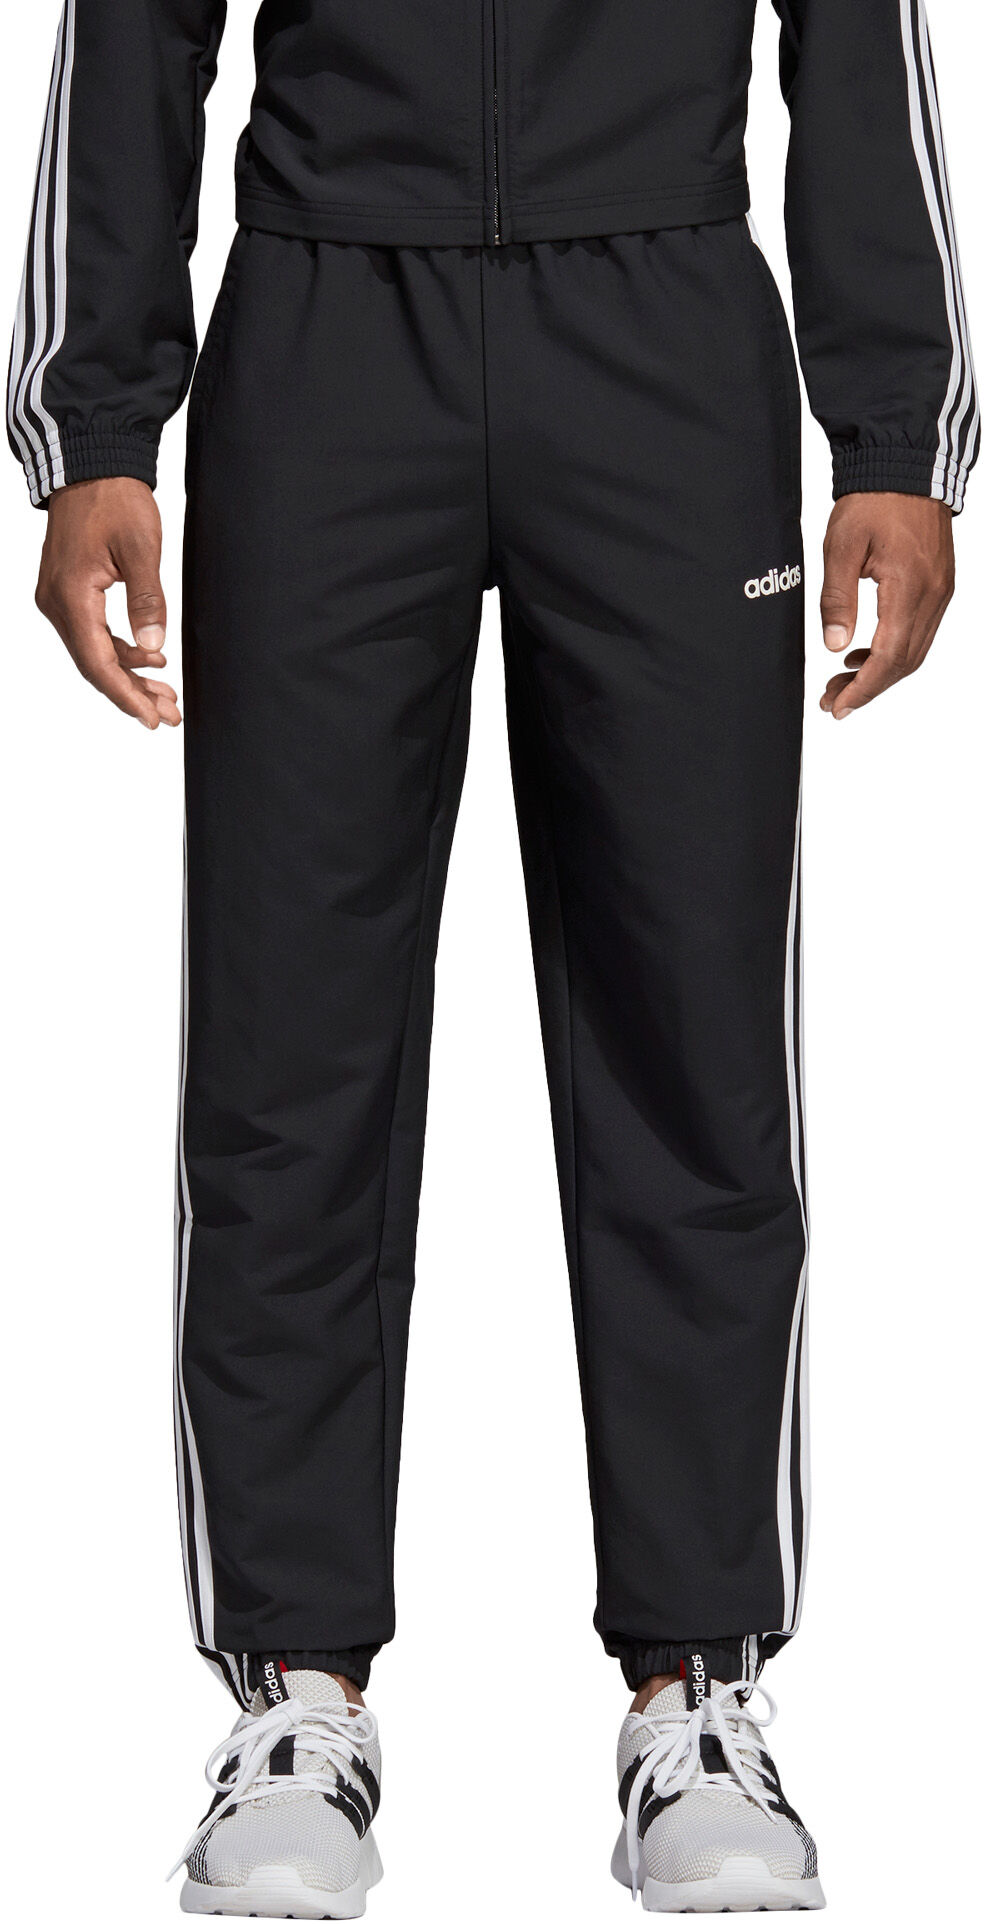 adidas | Essentials 3 Stripes Wind treningsbukse herre